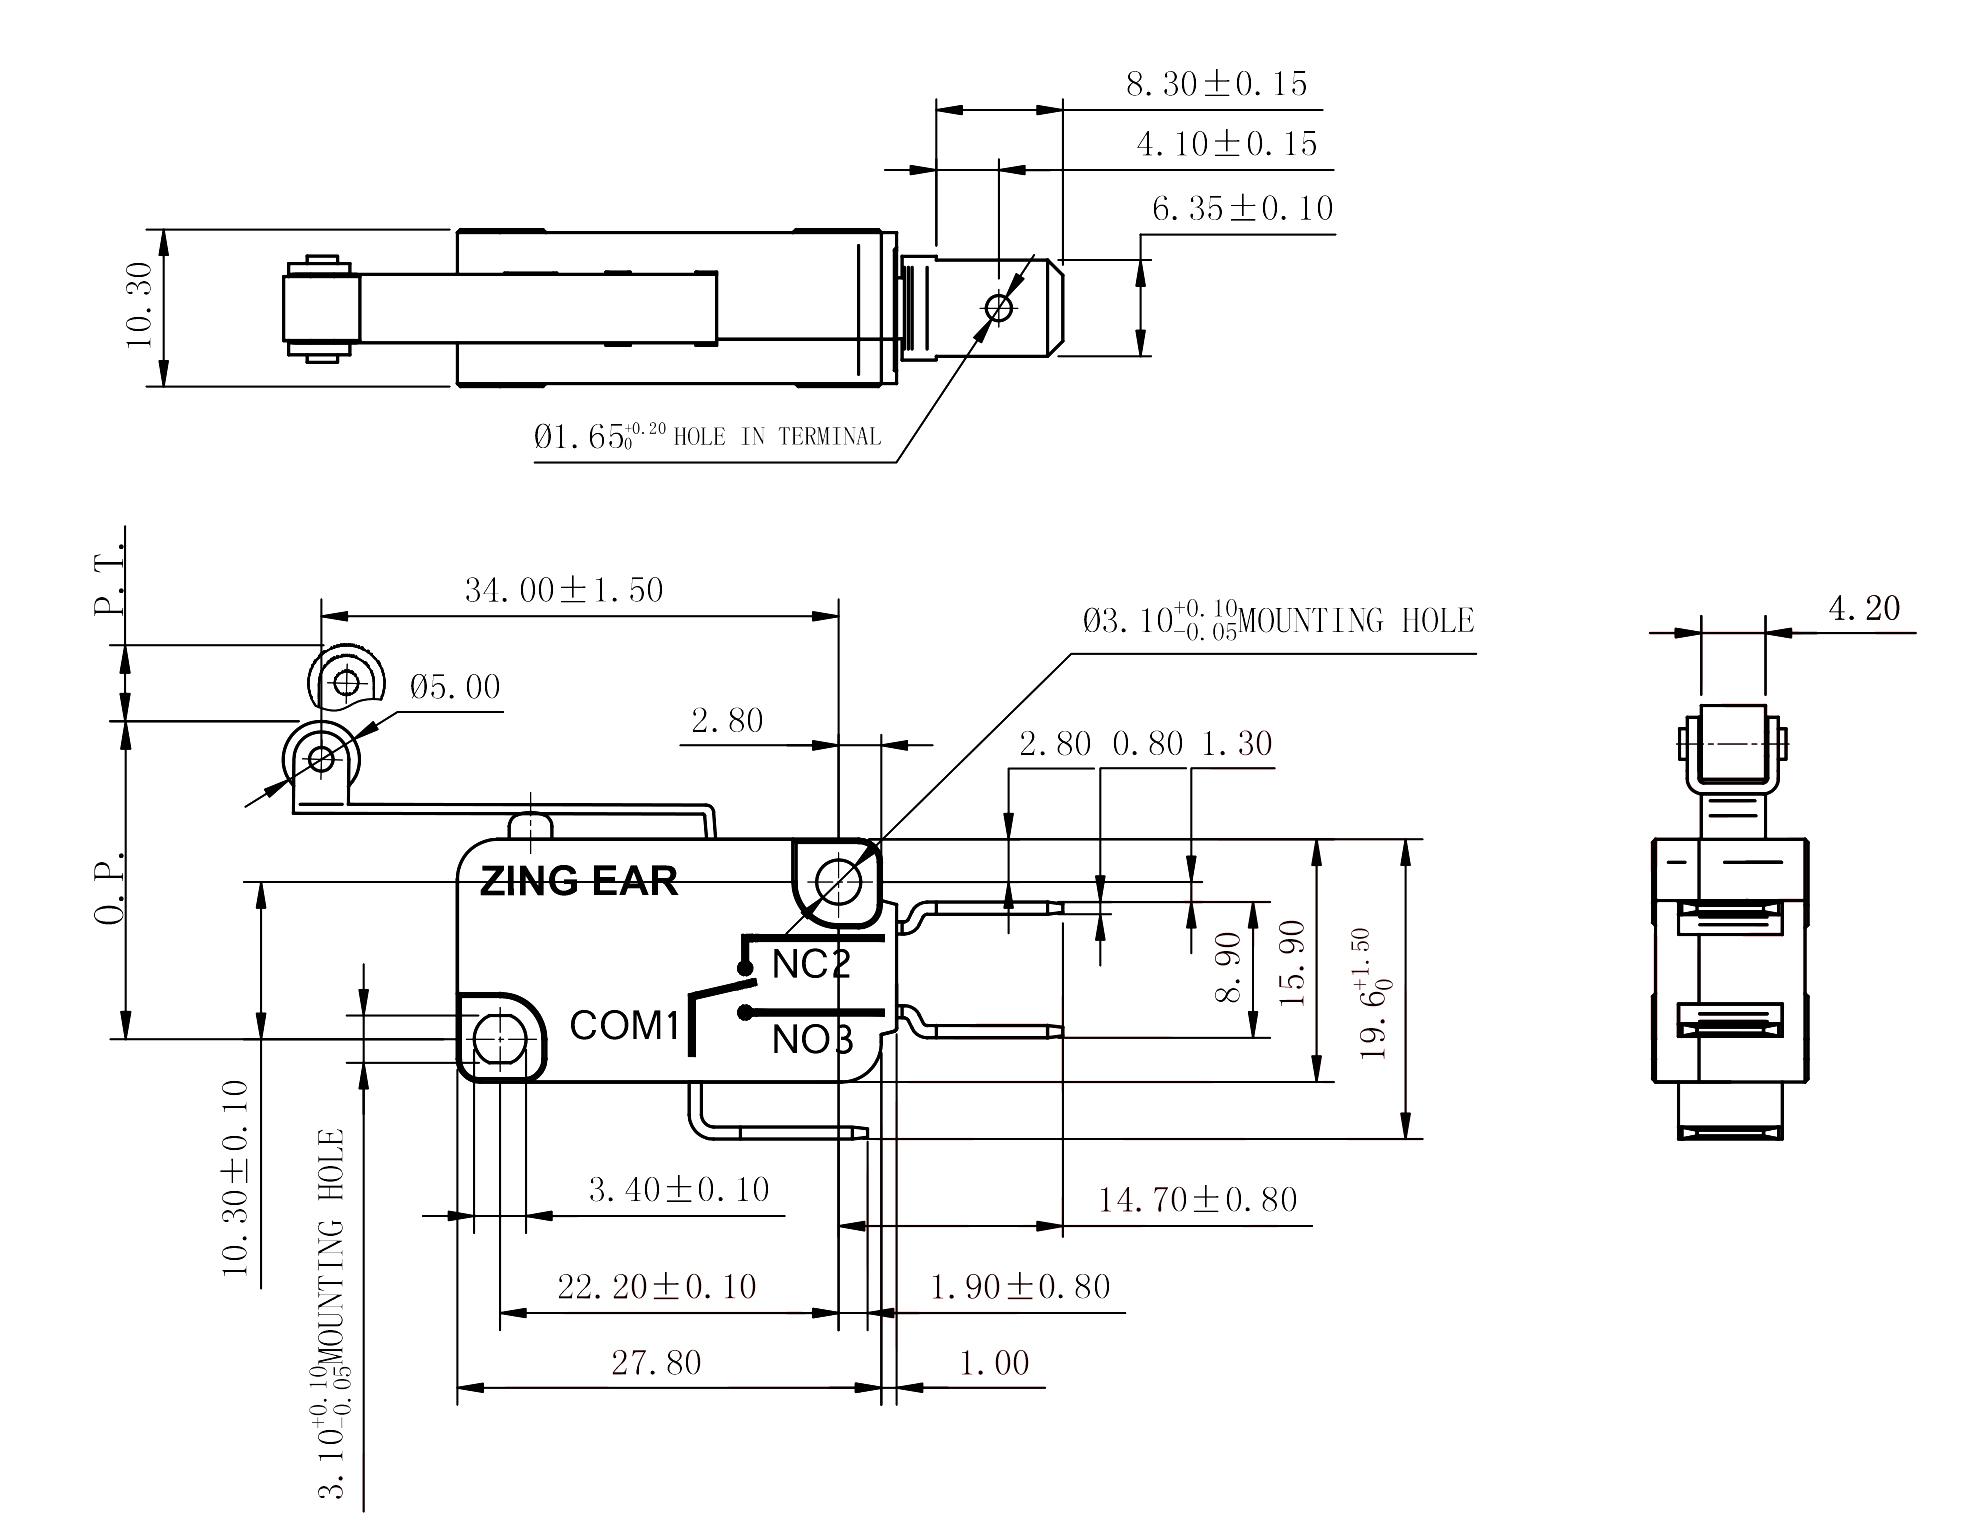 Drawing_G5T16-C1Z200A114-B_Rev_A0